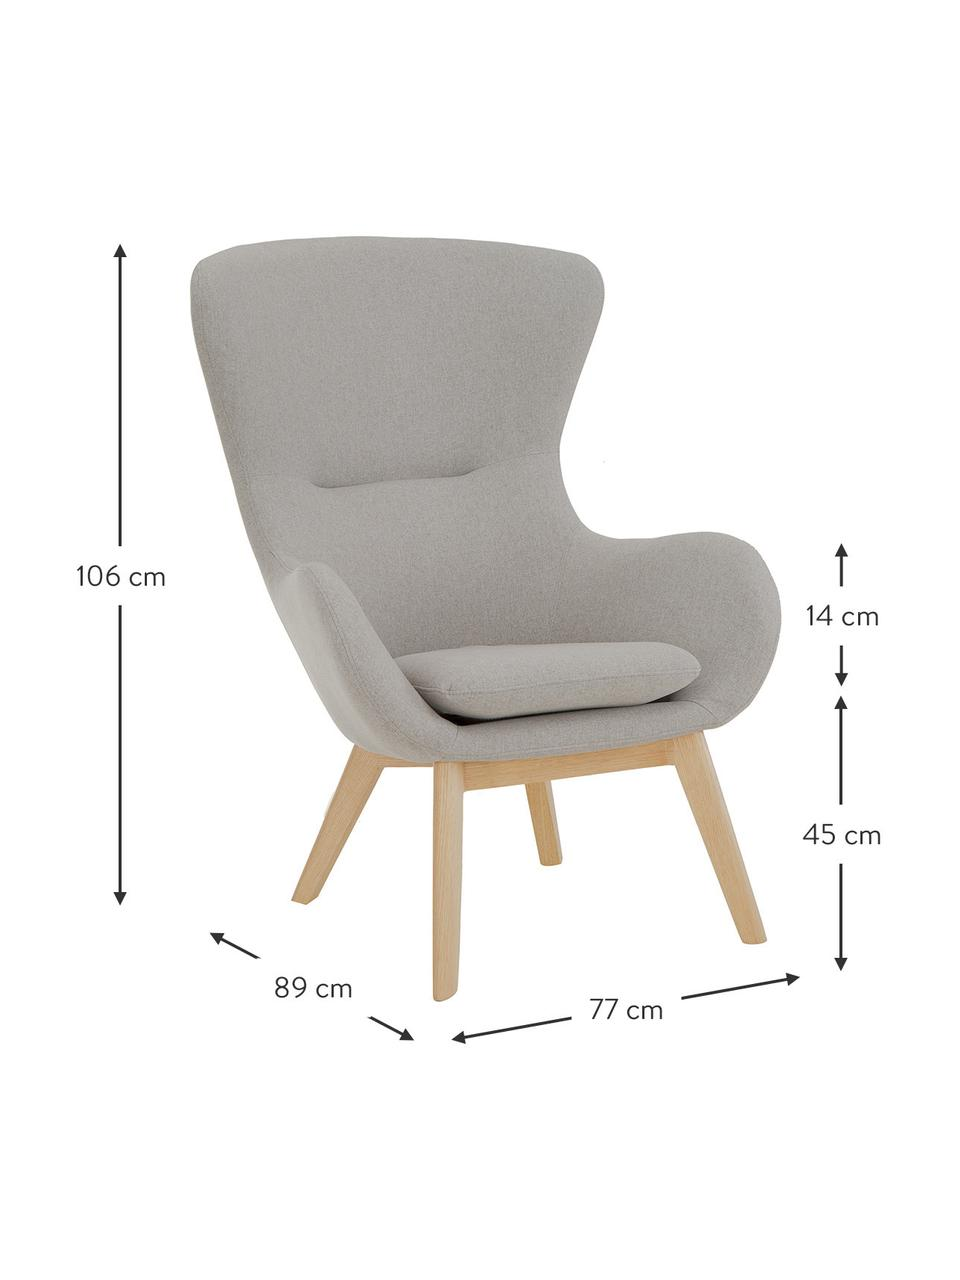 Ohrensessel Wing in Grau mit Holz-Füßen, Bezug: Polyester Der hochwertige, Füße: Massivholz mit Eschenfurn, Webstoff Grau, B 77 x T 89 cm